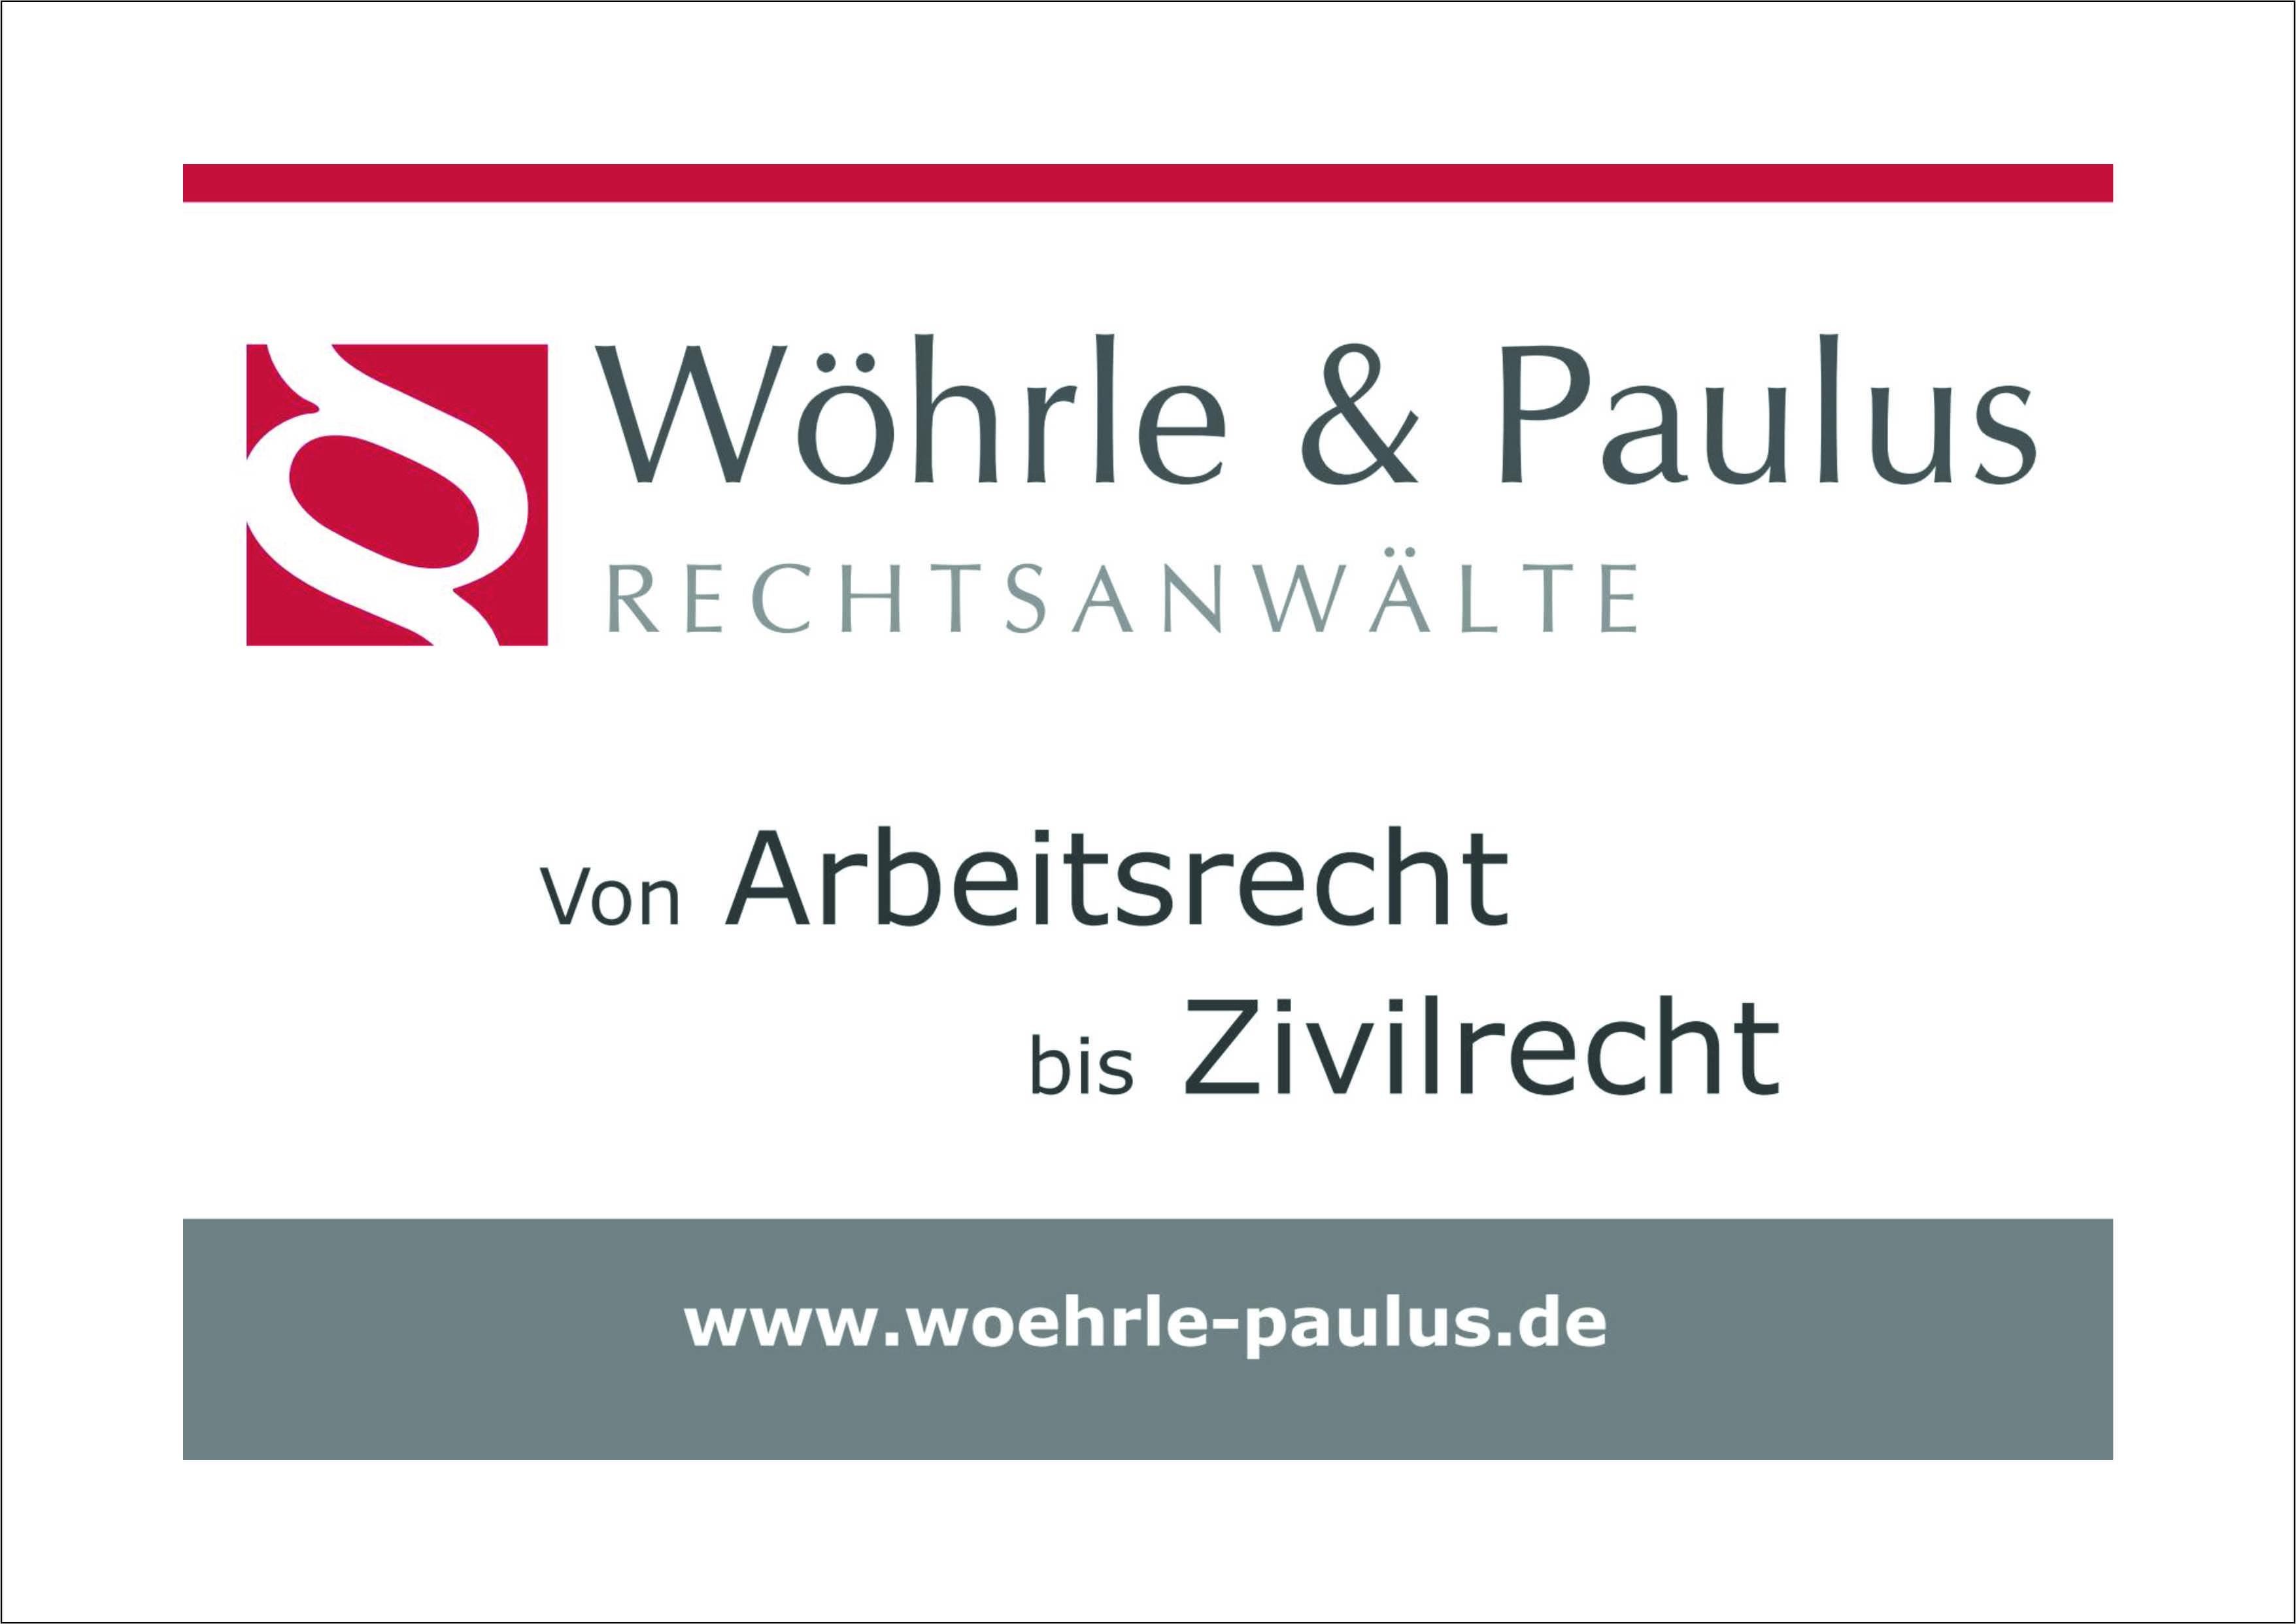 Wöhrle & Paulus